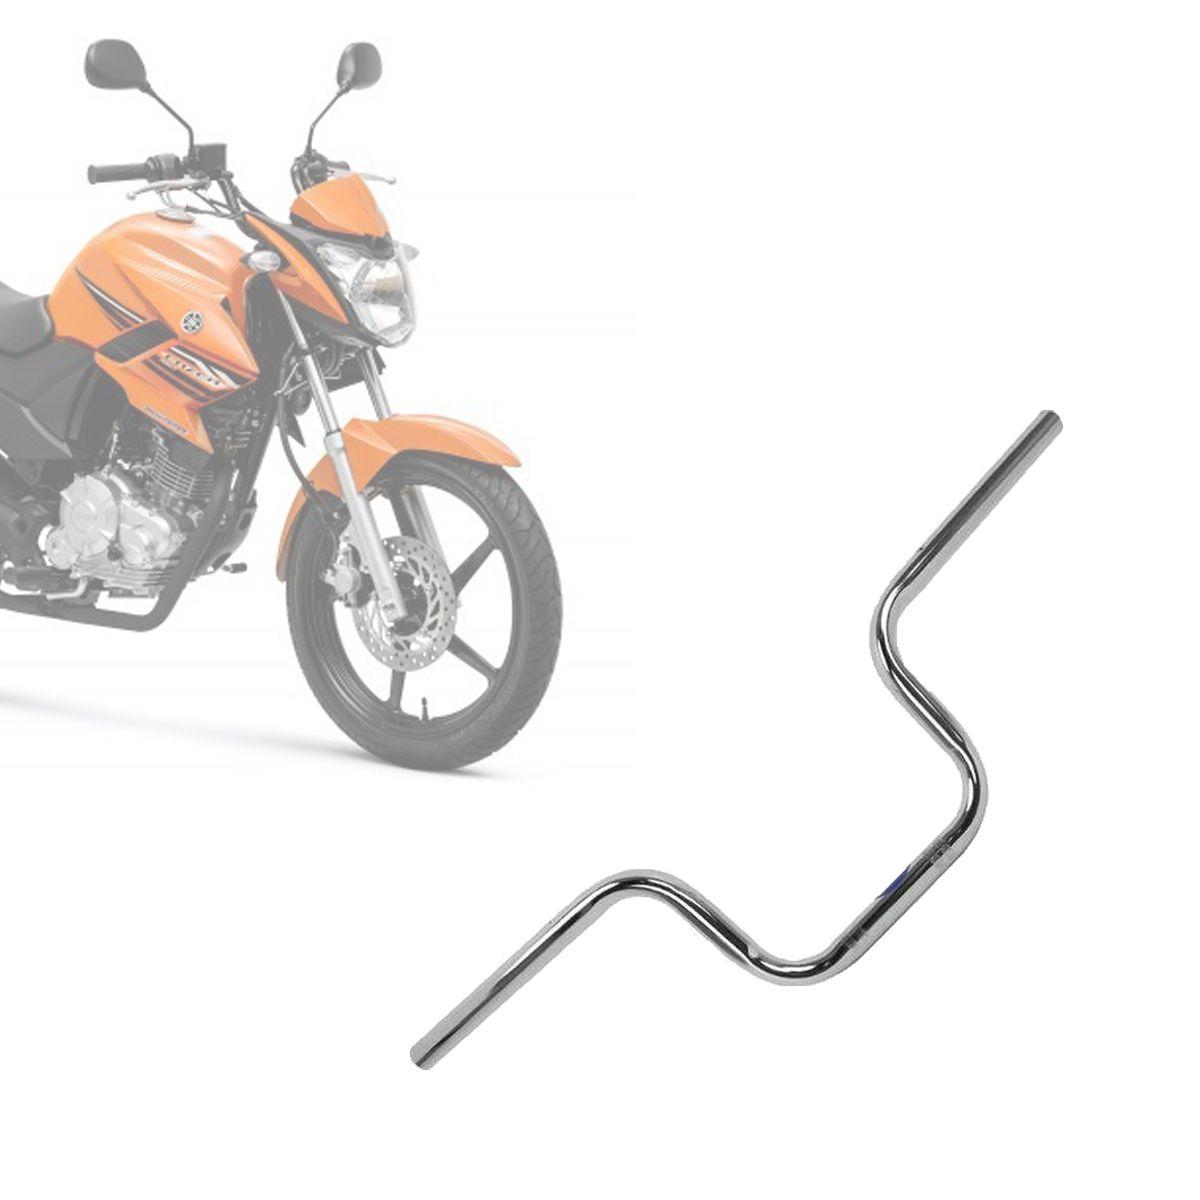 Guidão Yamaha YS 150 Fazer 2014 à 2019 - Aço Cromado c/ peso, sem rosca interno - Pro Tork